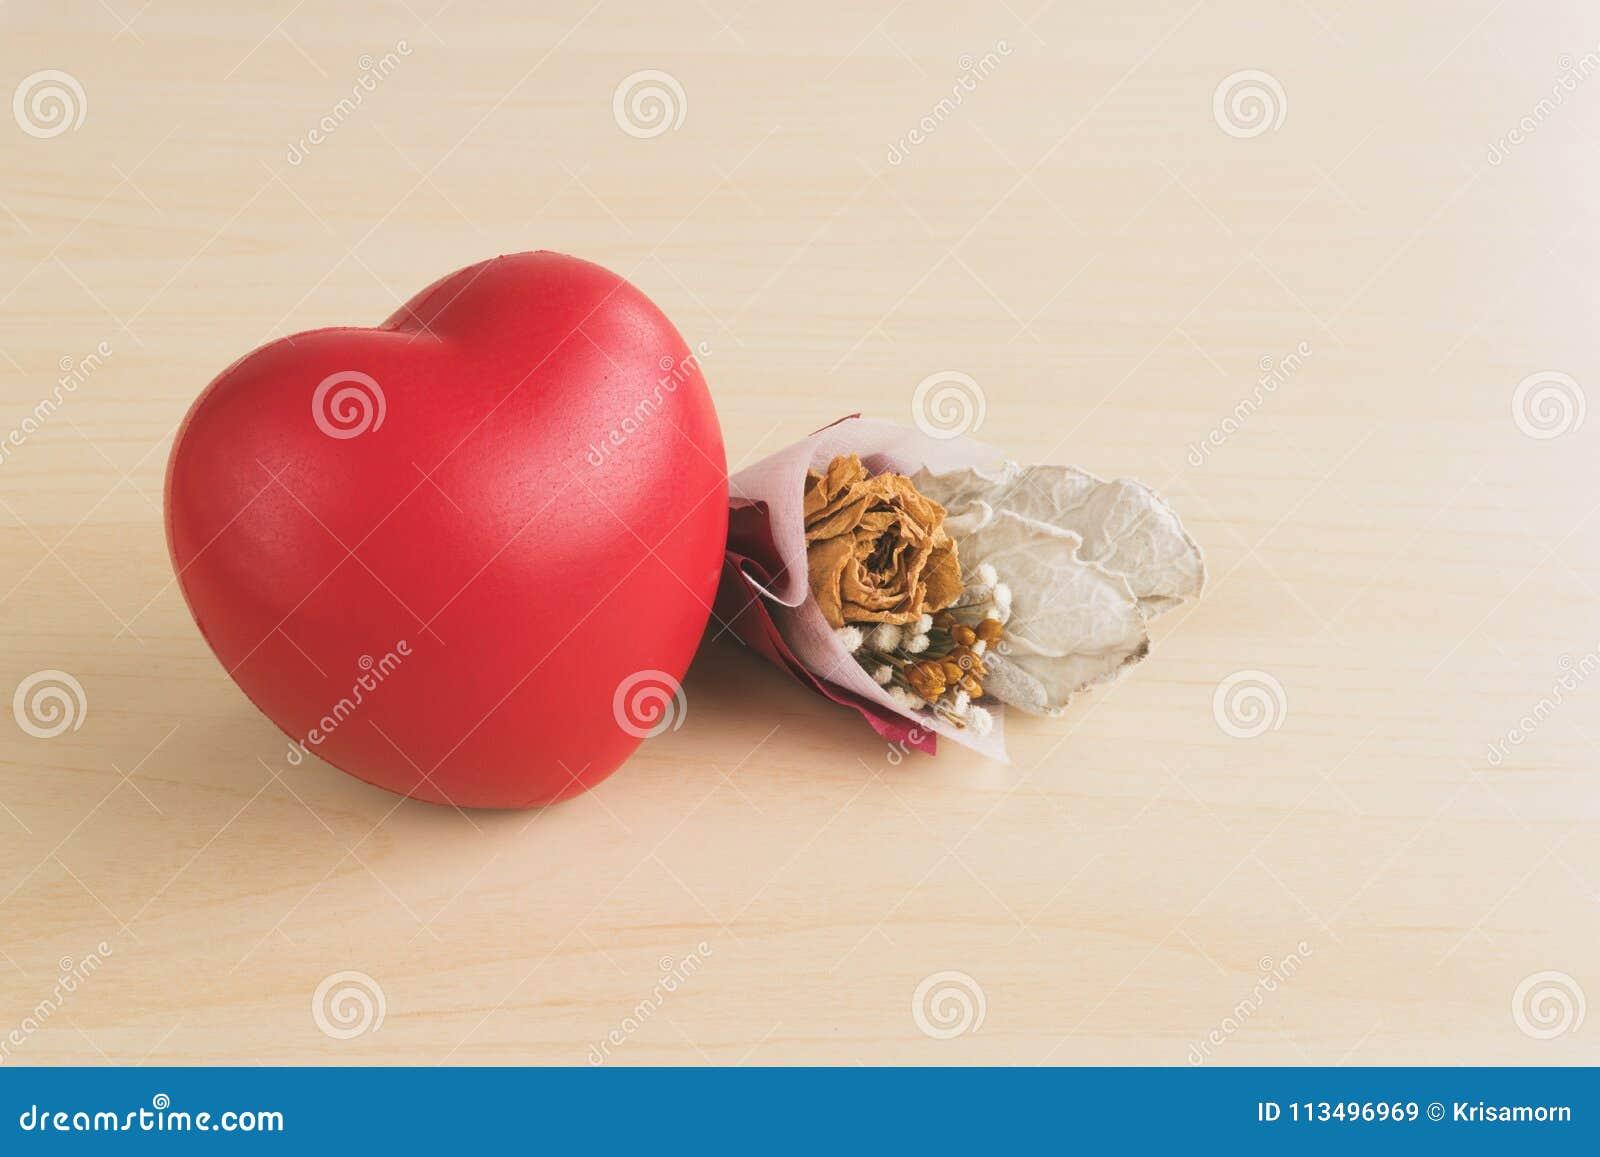 Coeur Rouge D Amour Et Bouquet Sec De Fleur Image Stock Image Du